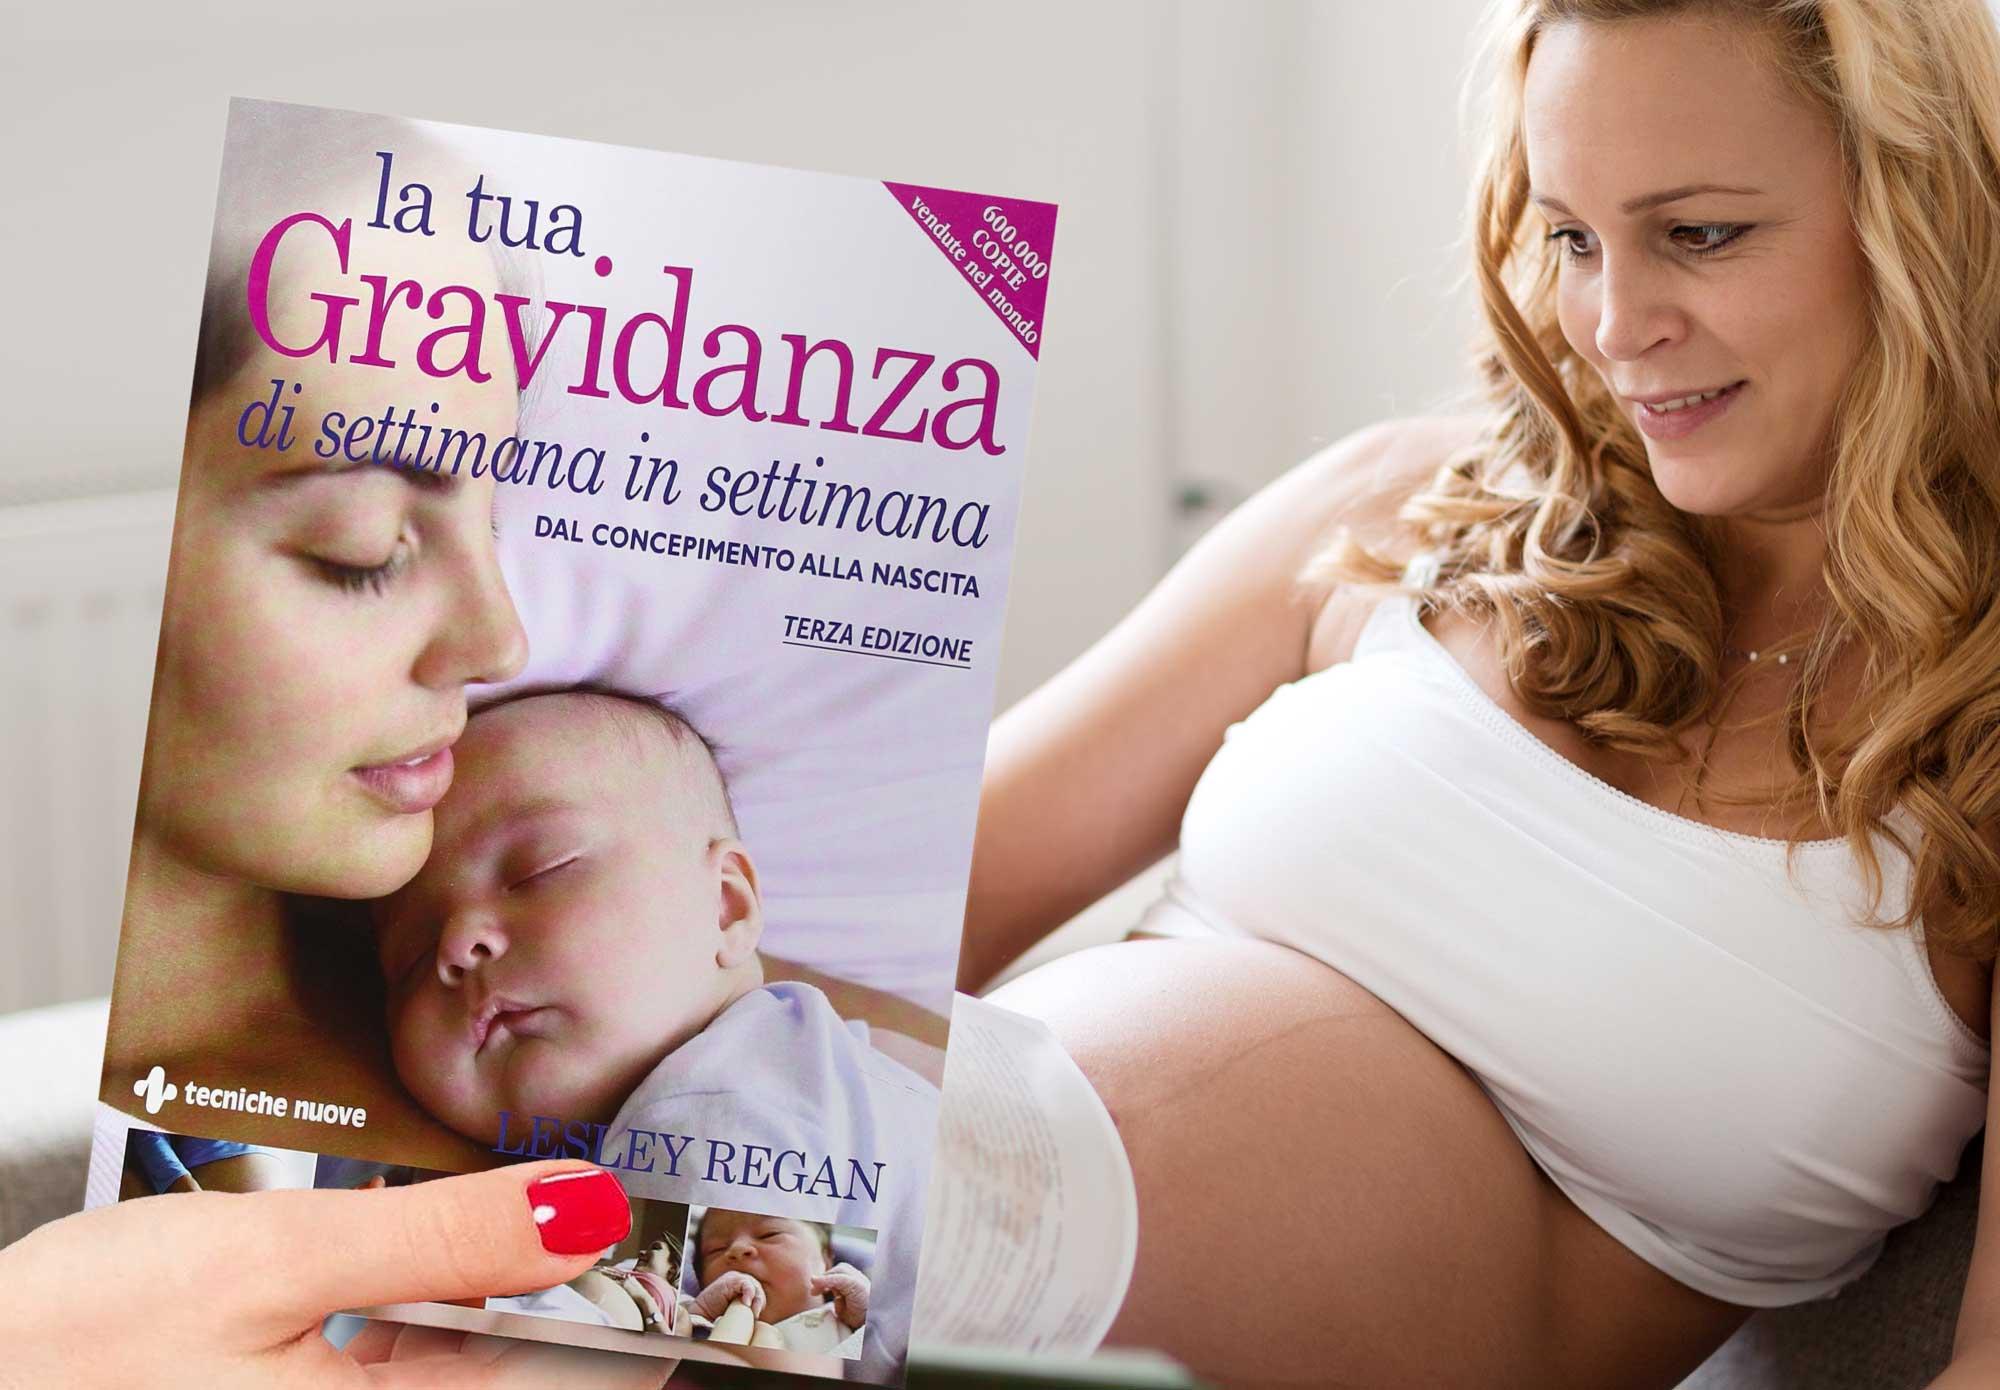 libri-sulla-gravidanza-da-leggere